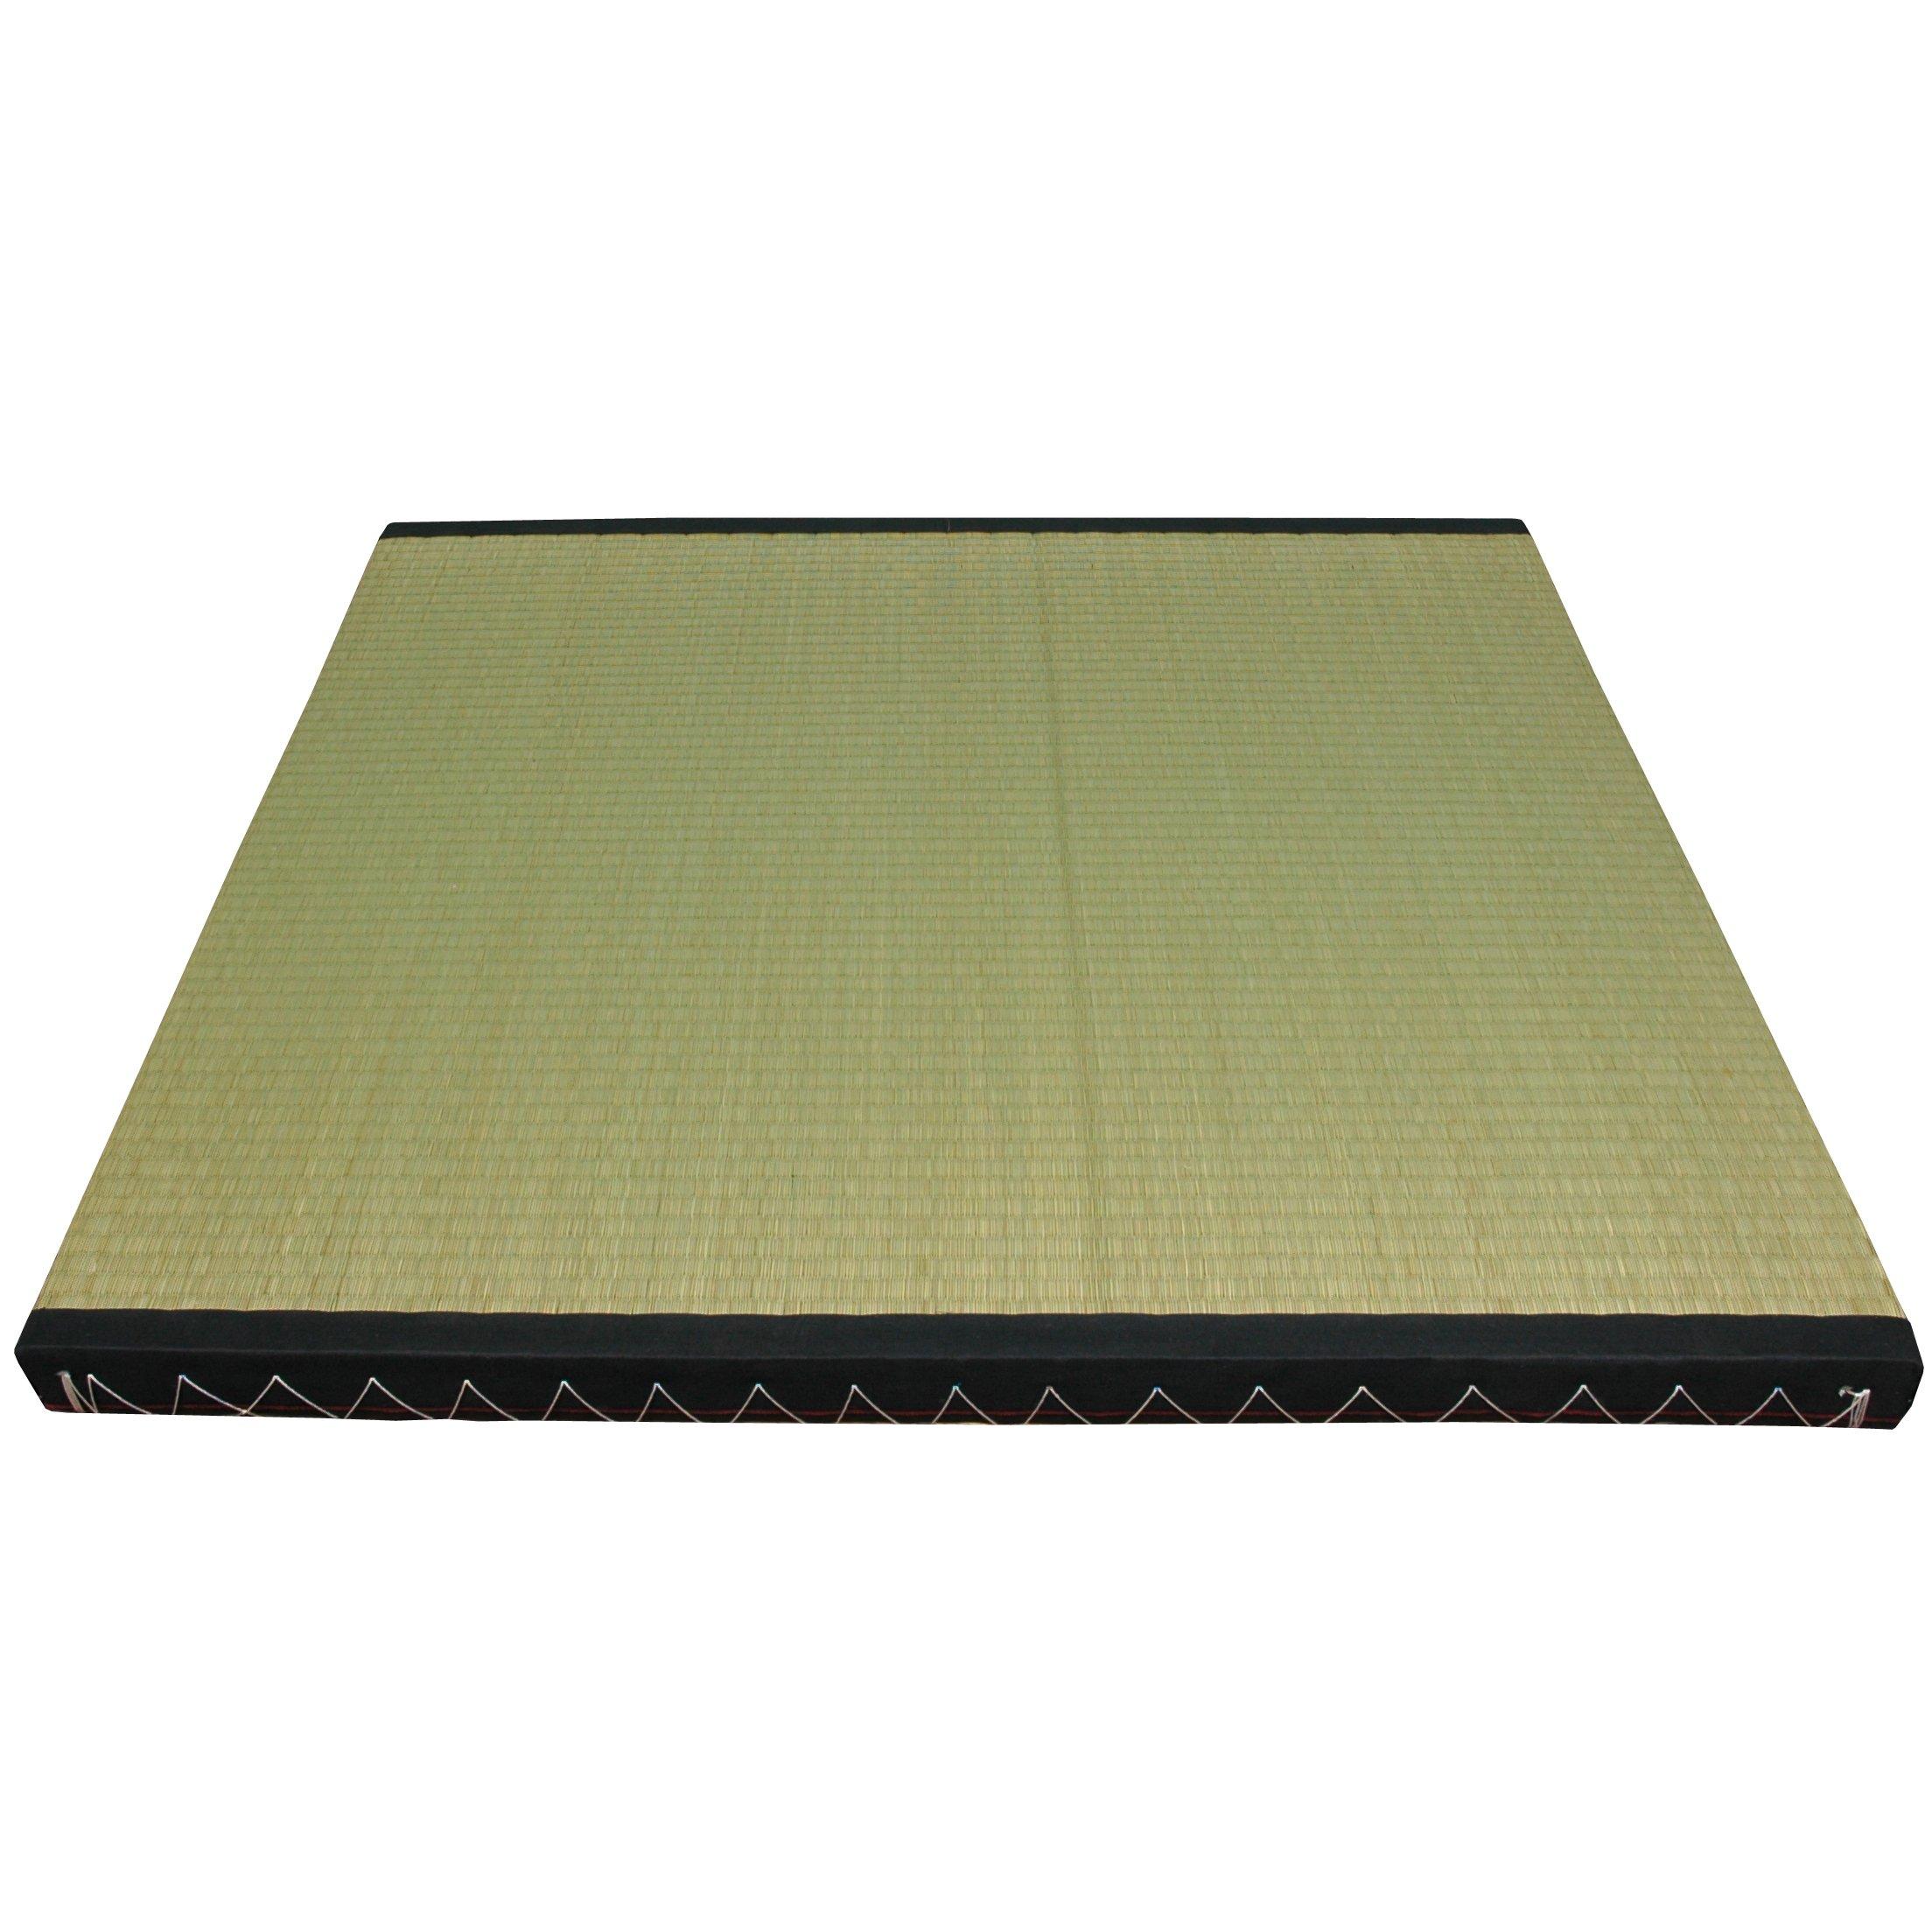 ORIENTAL FURNITURE 3' x 3' Half Size Tatami Mat